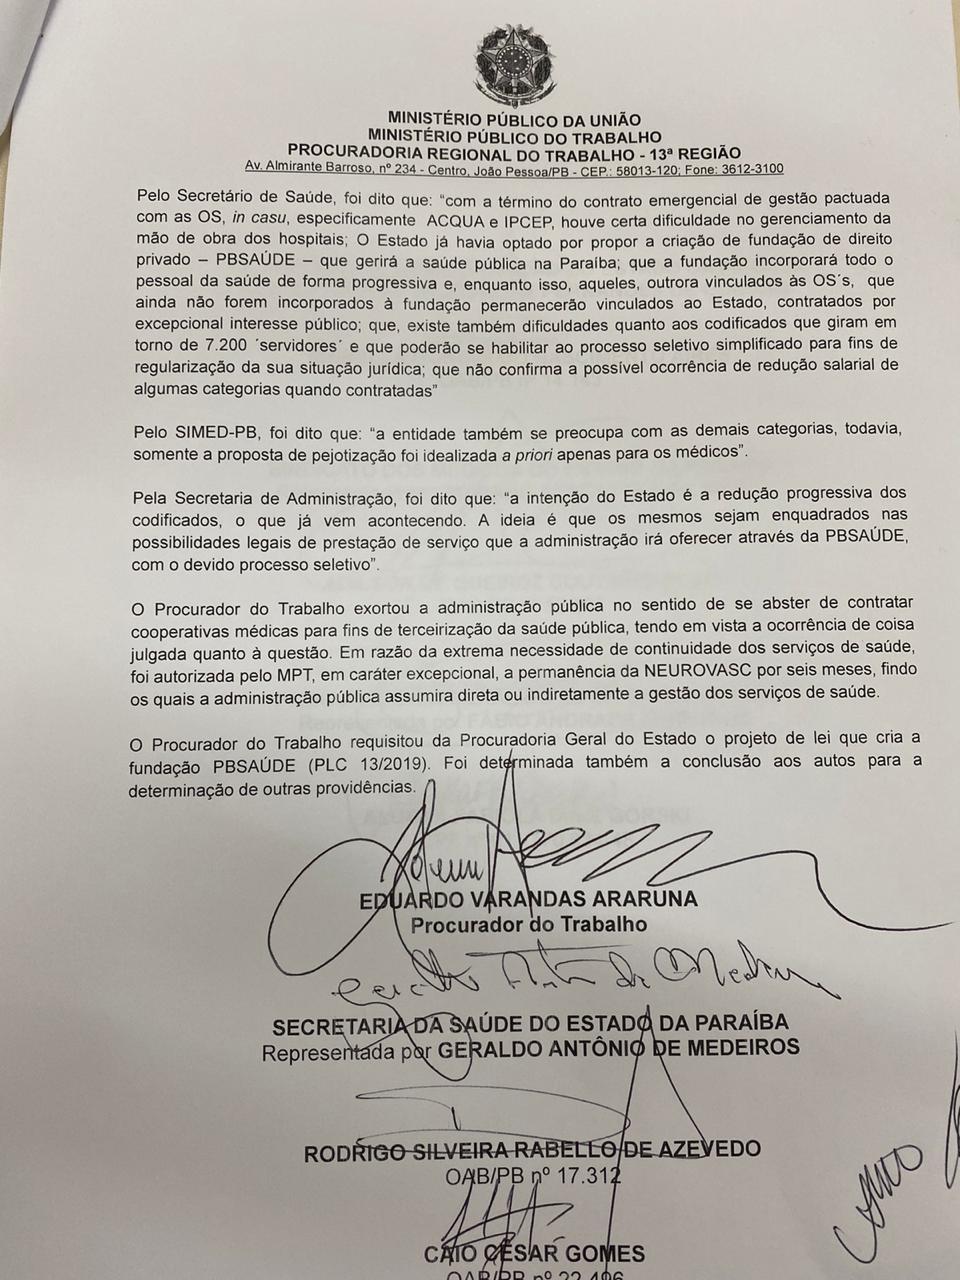 12cc9d75 3c2f 4bdb 8a58 cf97255f4f37 - DECISÃO: Governo do Estado não poderá contratar pessoas jurídicas para o Hospital de Trauma da Capital